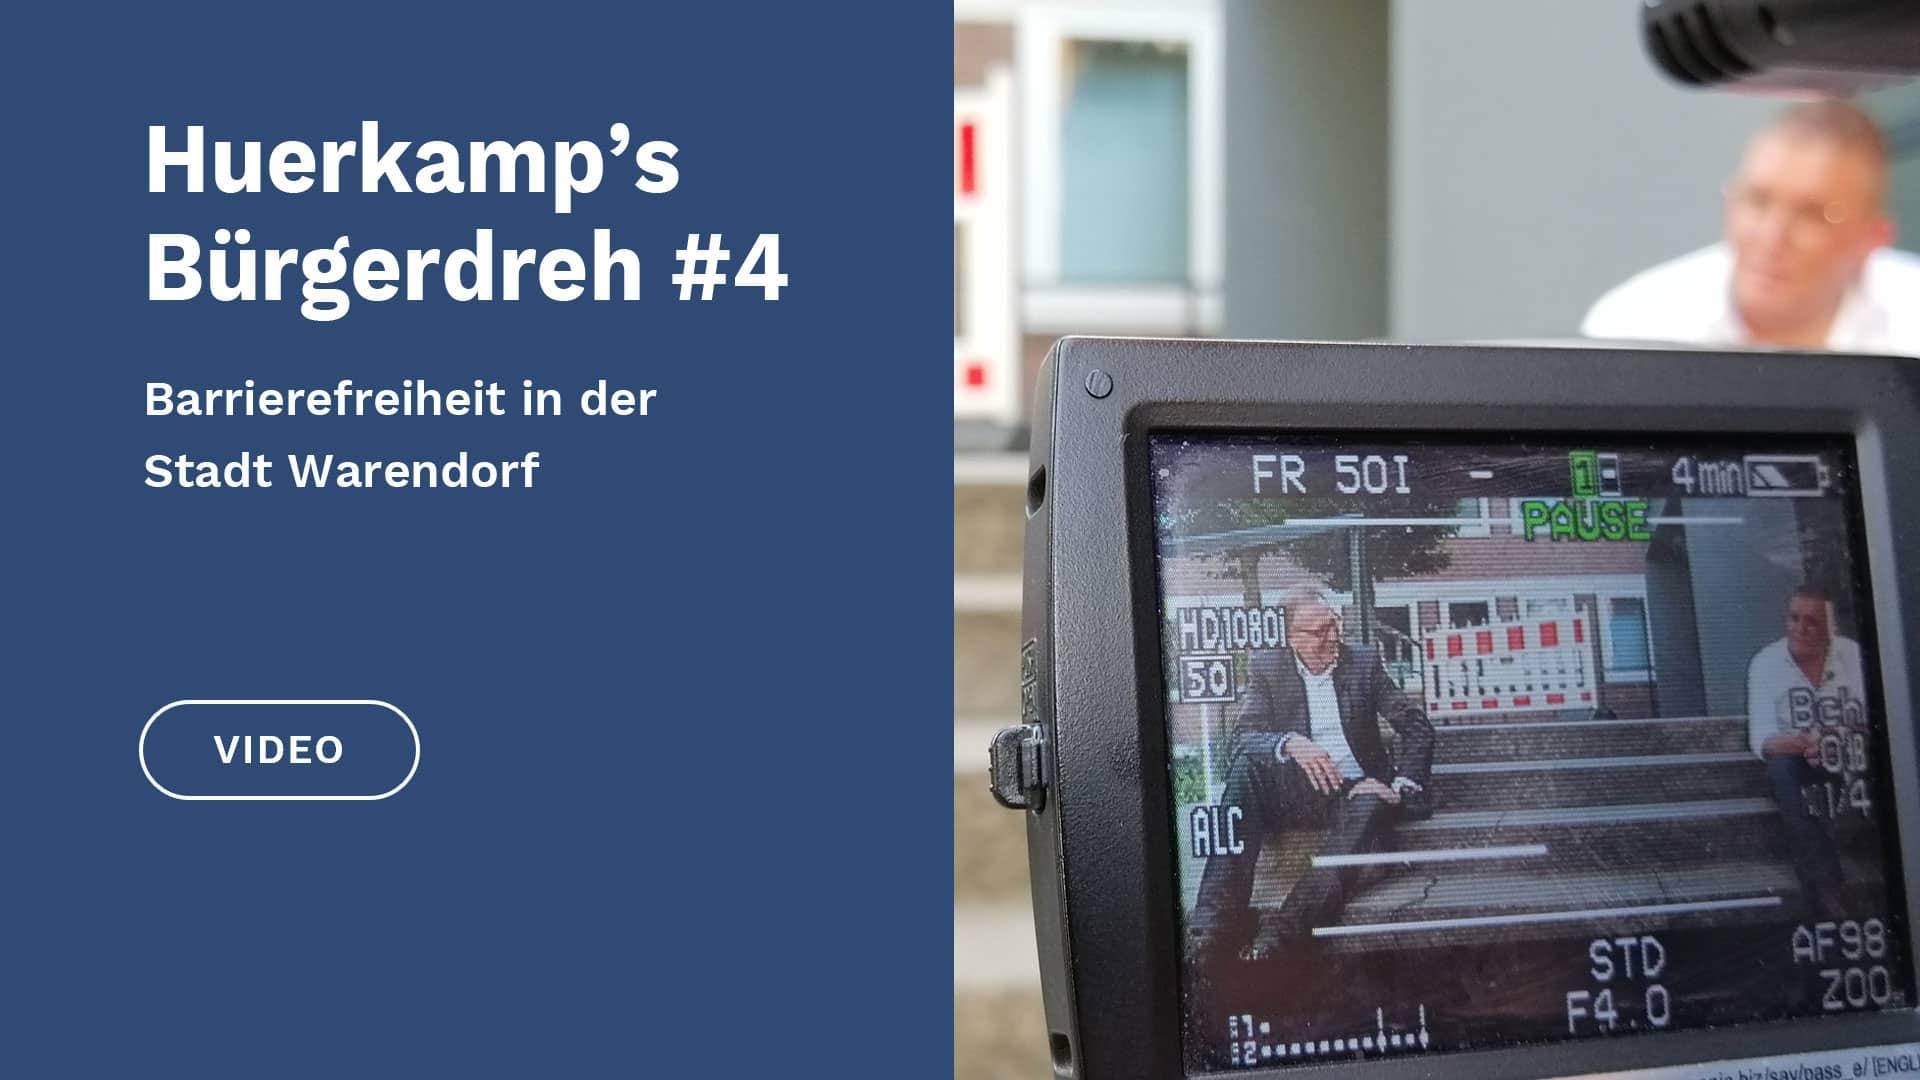 Huerkamp's Bürgerdreh #4 | Barrierefreiheit in der Stadt Warendorf